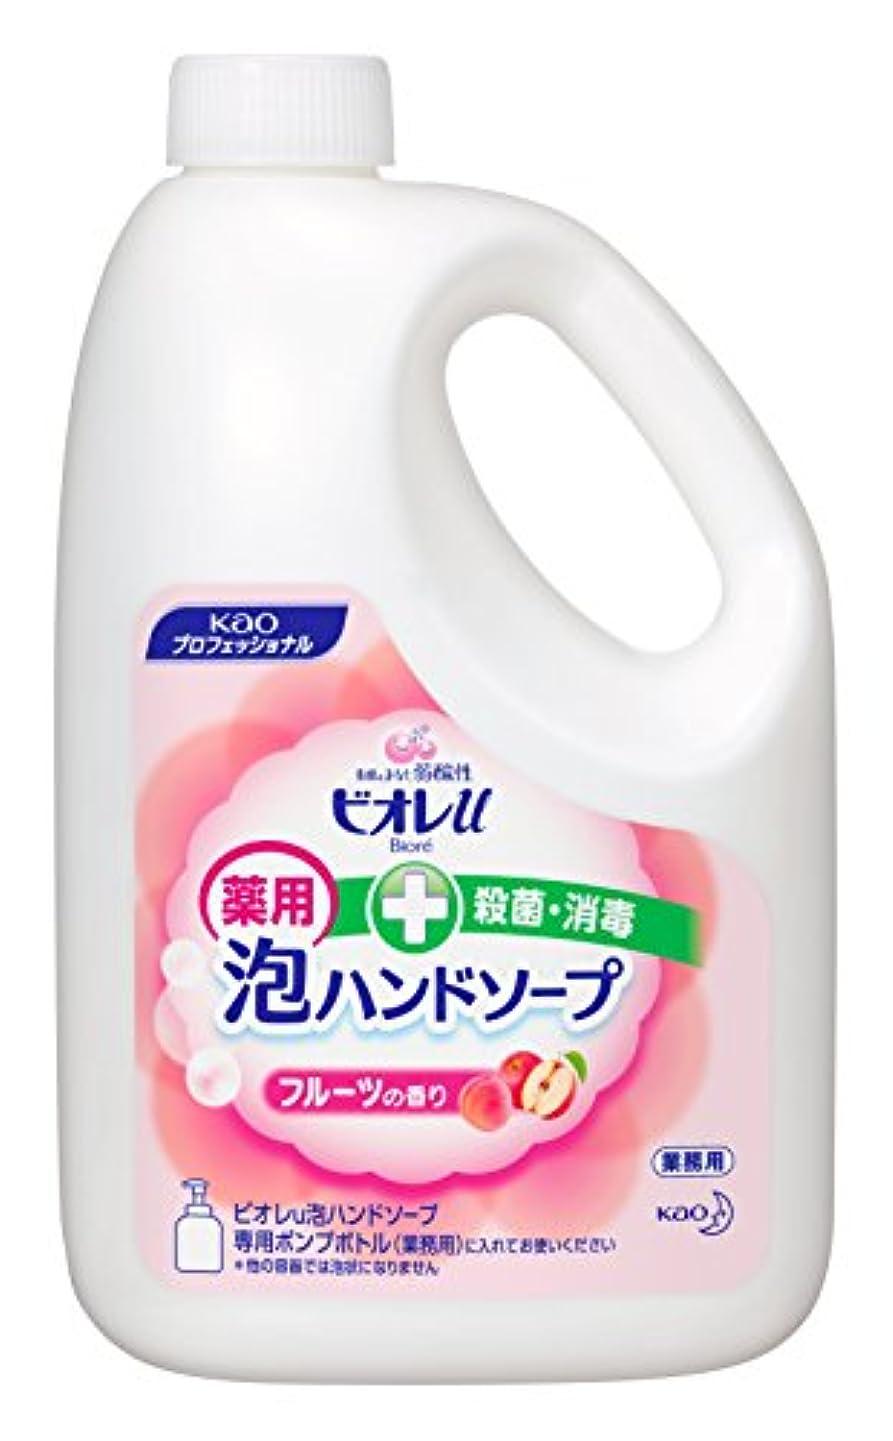 蚊どっち子音【業務用 泡ハンドソープ】ビオレu 泡ハンドソープ フルーツの香り 2L(プロフェッショナルシリーズ)